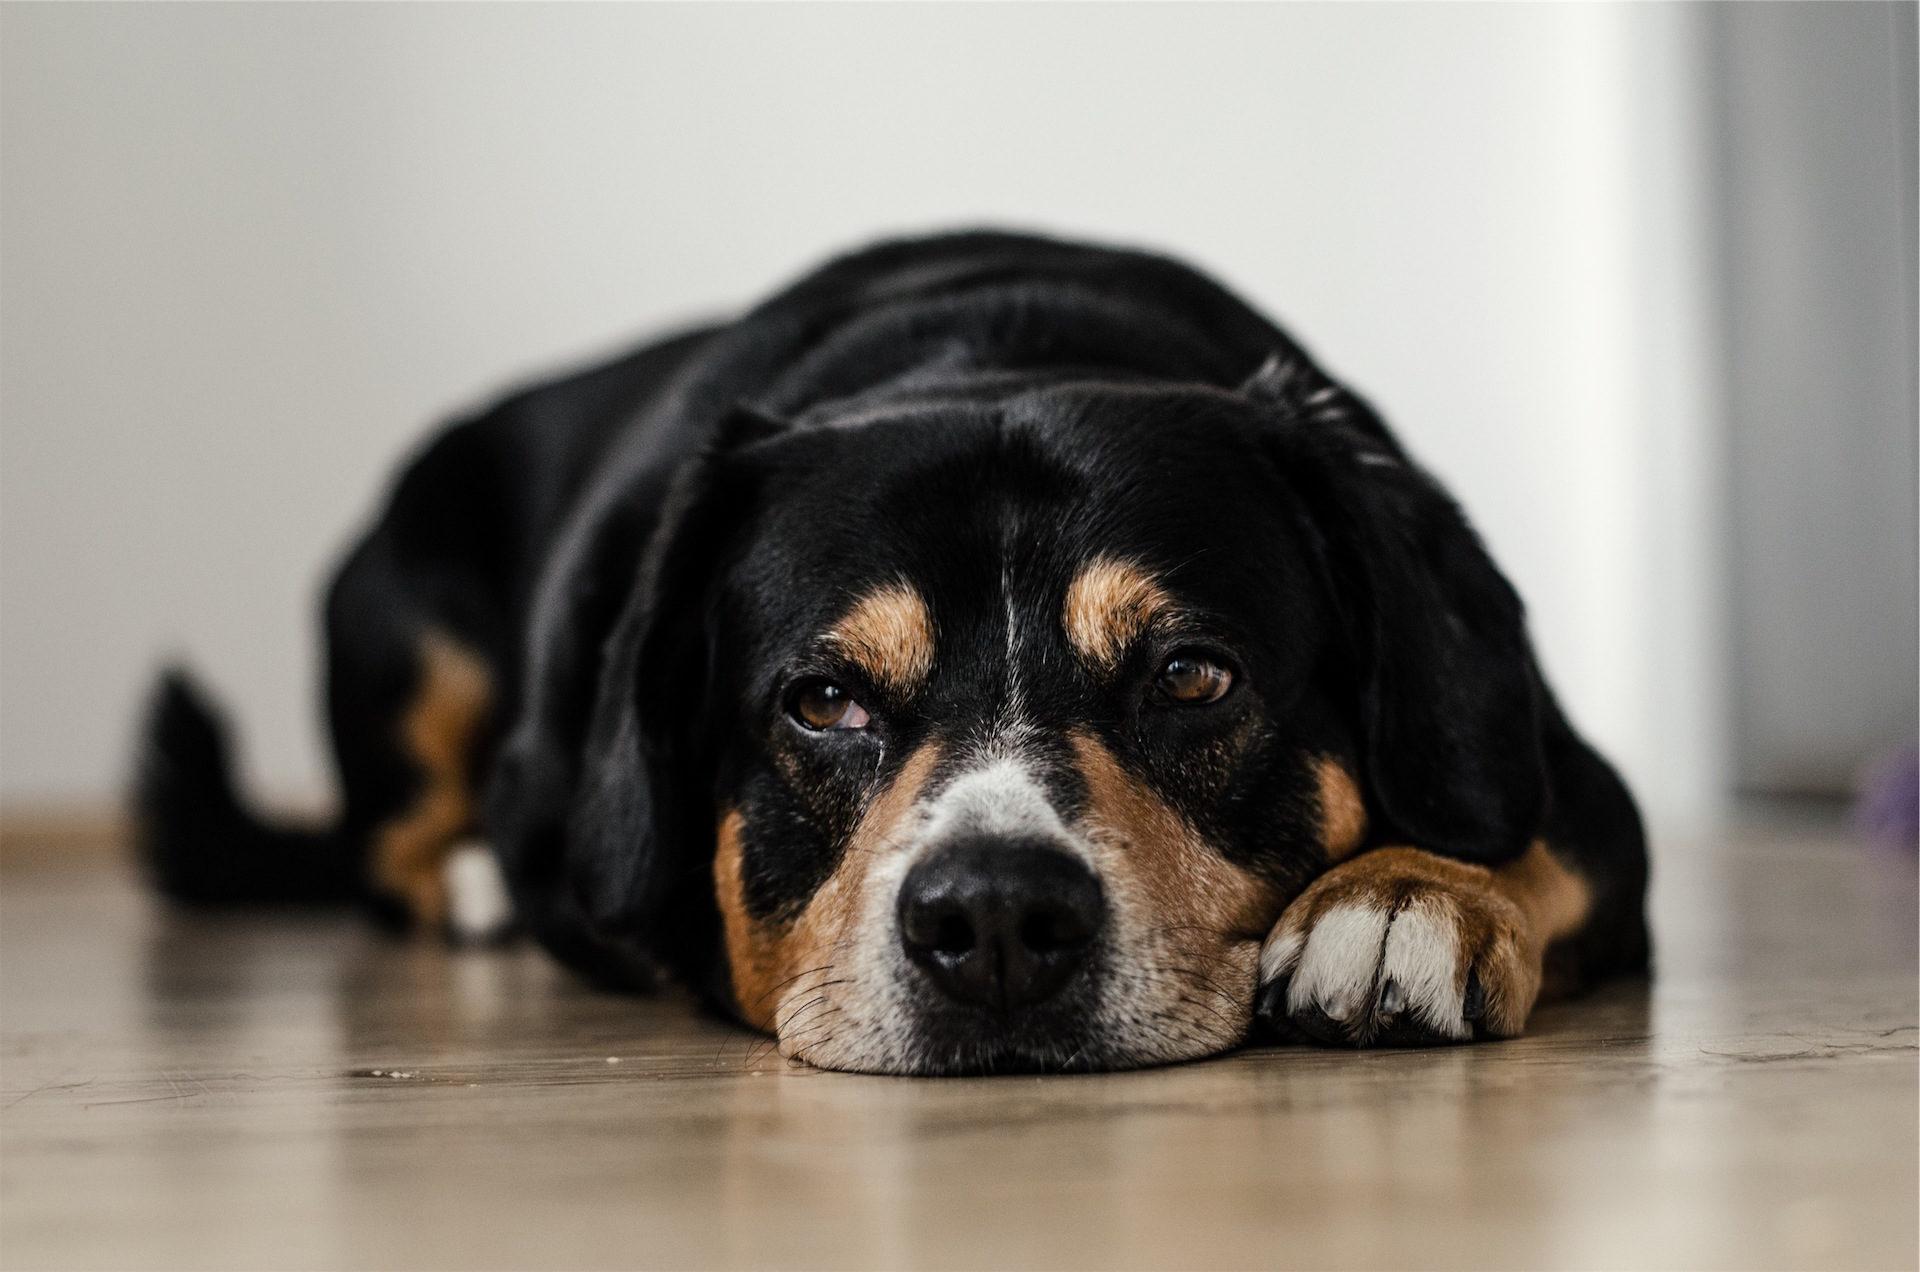 chien, Animal de compagnie, se détendre, coup d'oeil, tranquilité - Fonds d'écran HD - Professor-falken.com